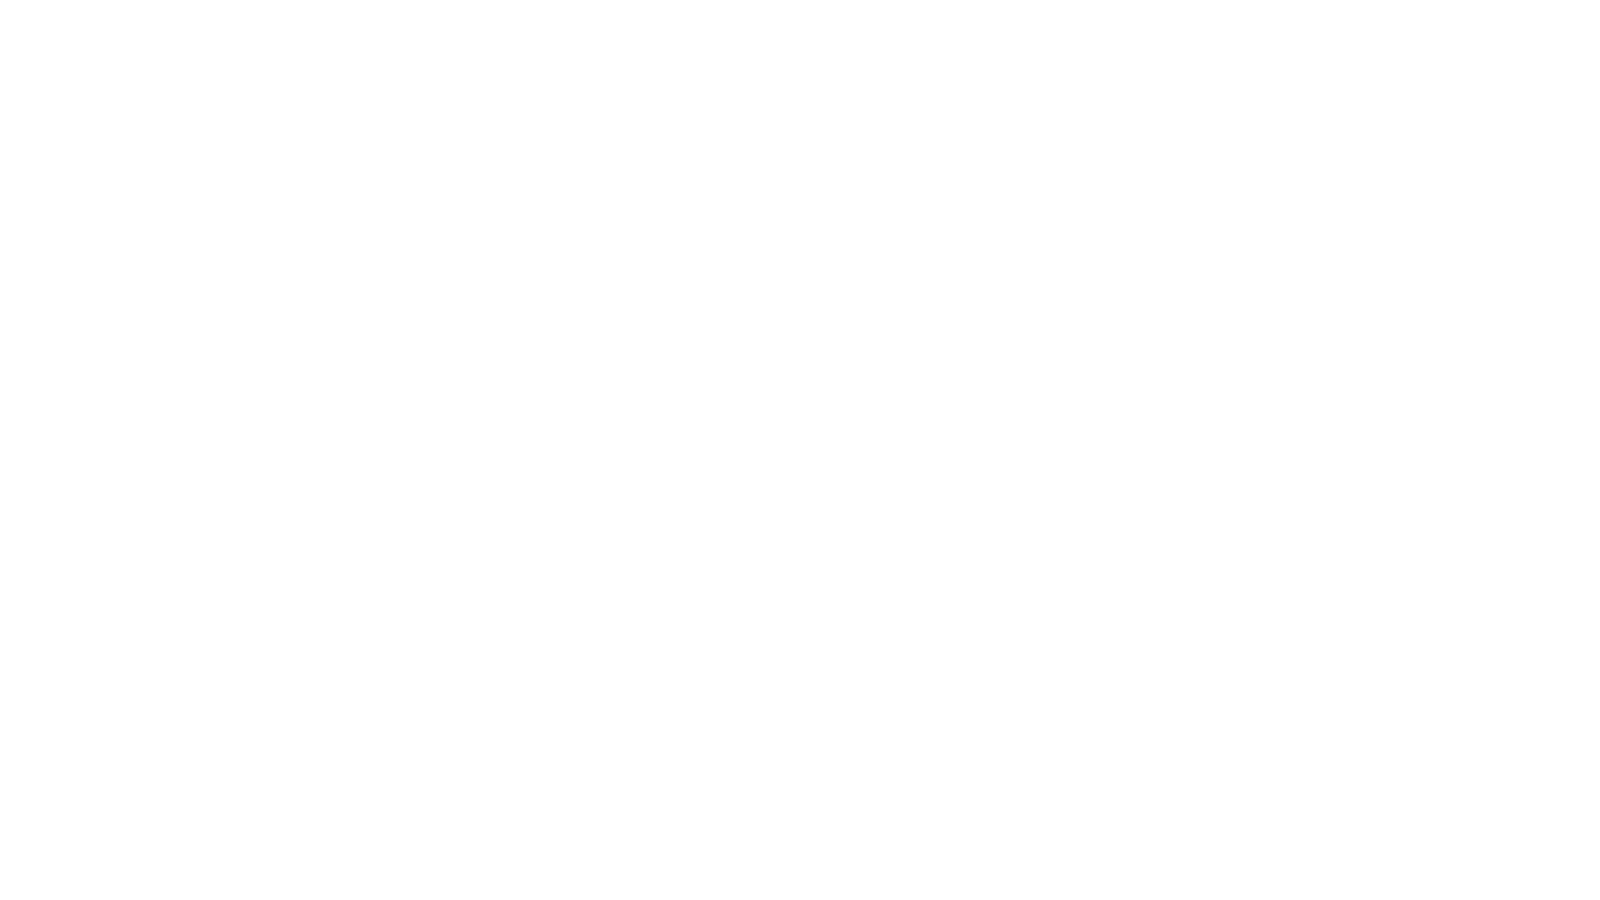 Syksyvlogi 2: Kaupallinen yhteistyö Lämpöykkönen Tutustu maalämpöön: https://lampoykkonen.fi/tarjous-vilp-mlp/ Tällä videolla vietetään arkipäivää rempan ja ratsastustunnin merkeissä. Villa Fernandeziin asennetaan maalämpö: Miten se tapahtuu ja mitä maalämpö maksaa?  Seuraa meitä instassa: https://www.instagram.com/aidinpuheenvuoro_official/?hl=fi